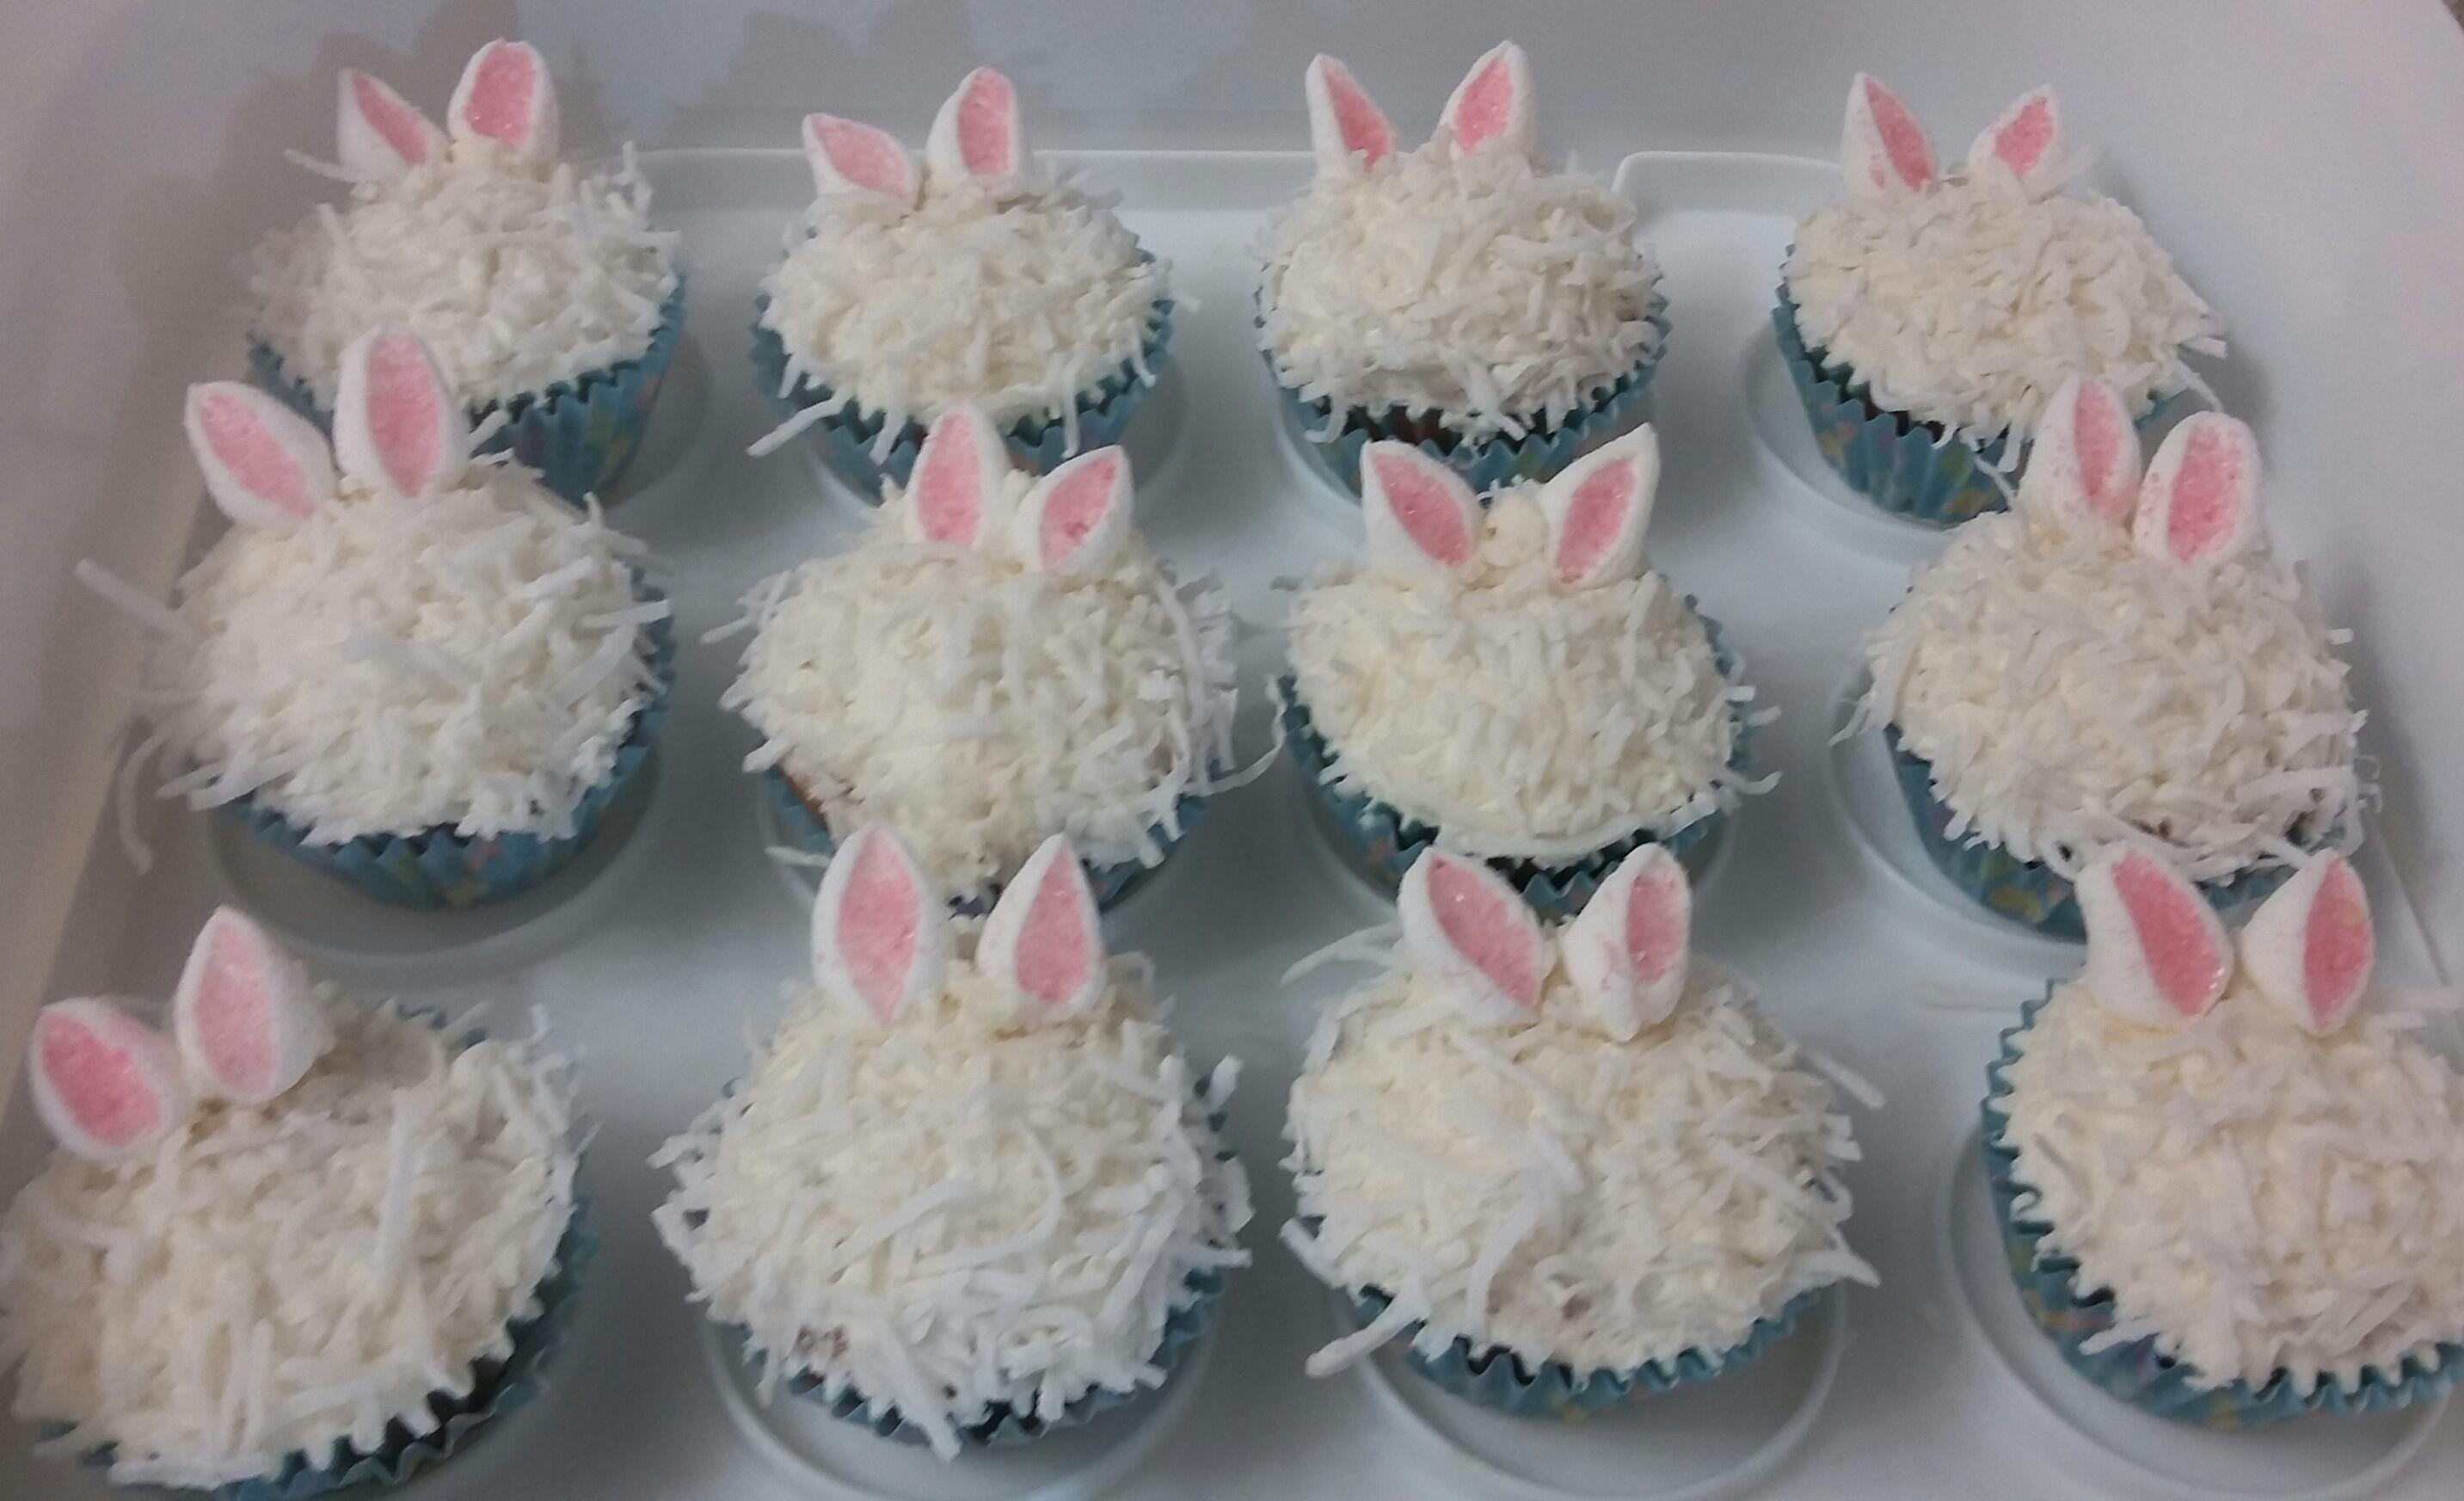 Baby bunnies! OMG sooooo fluffffy!